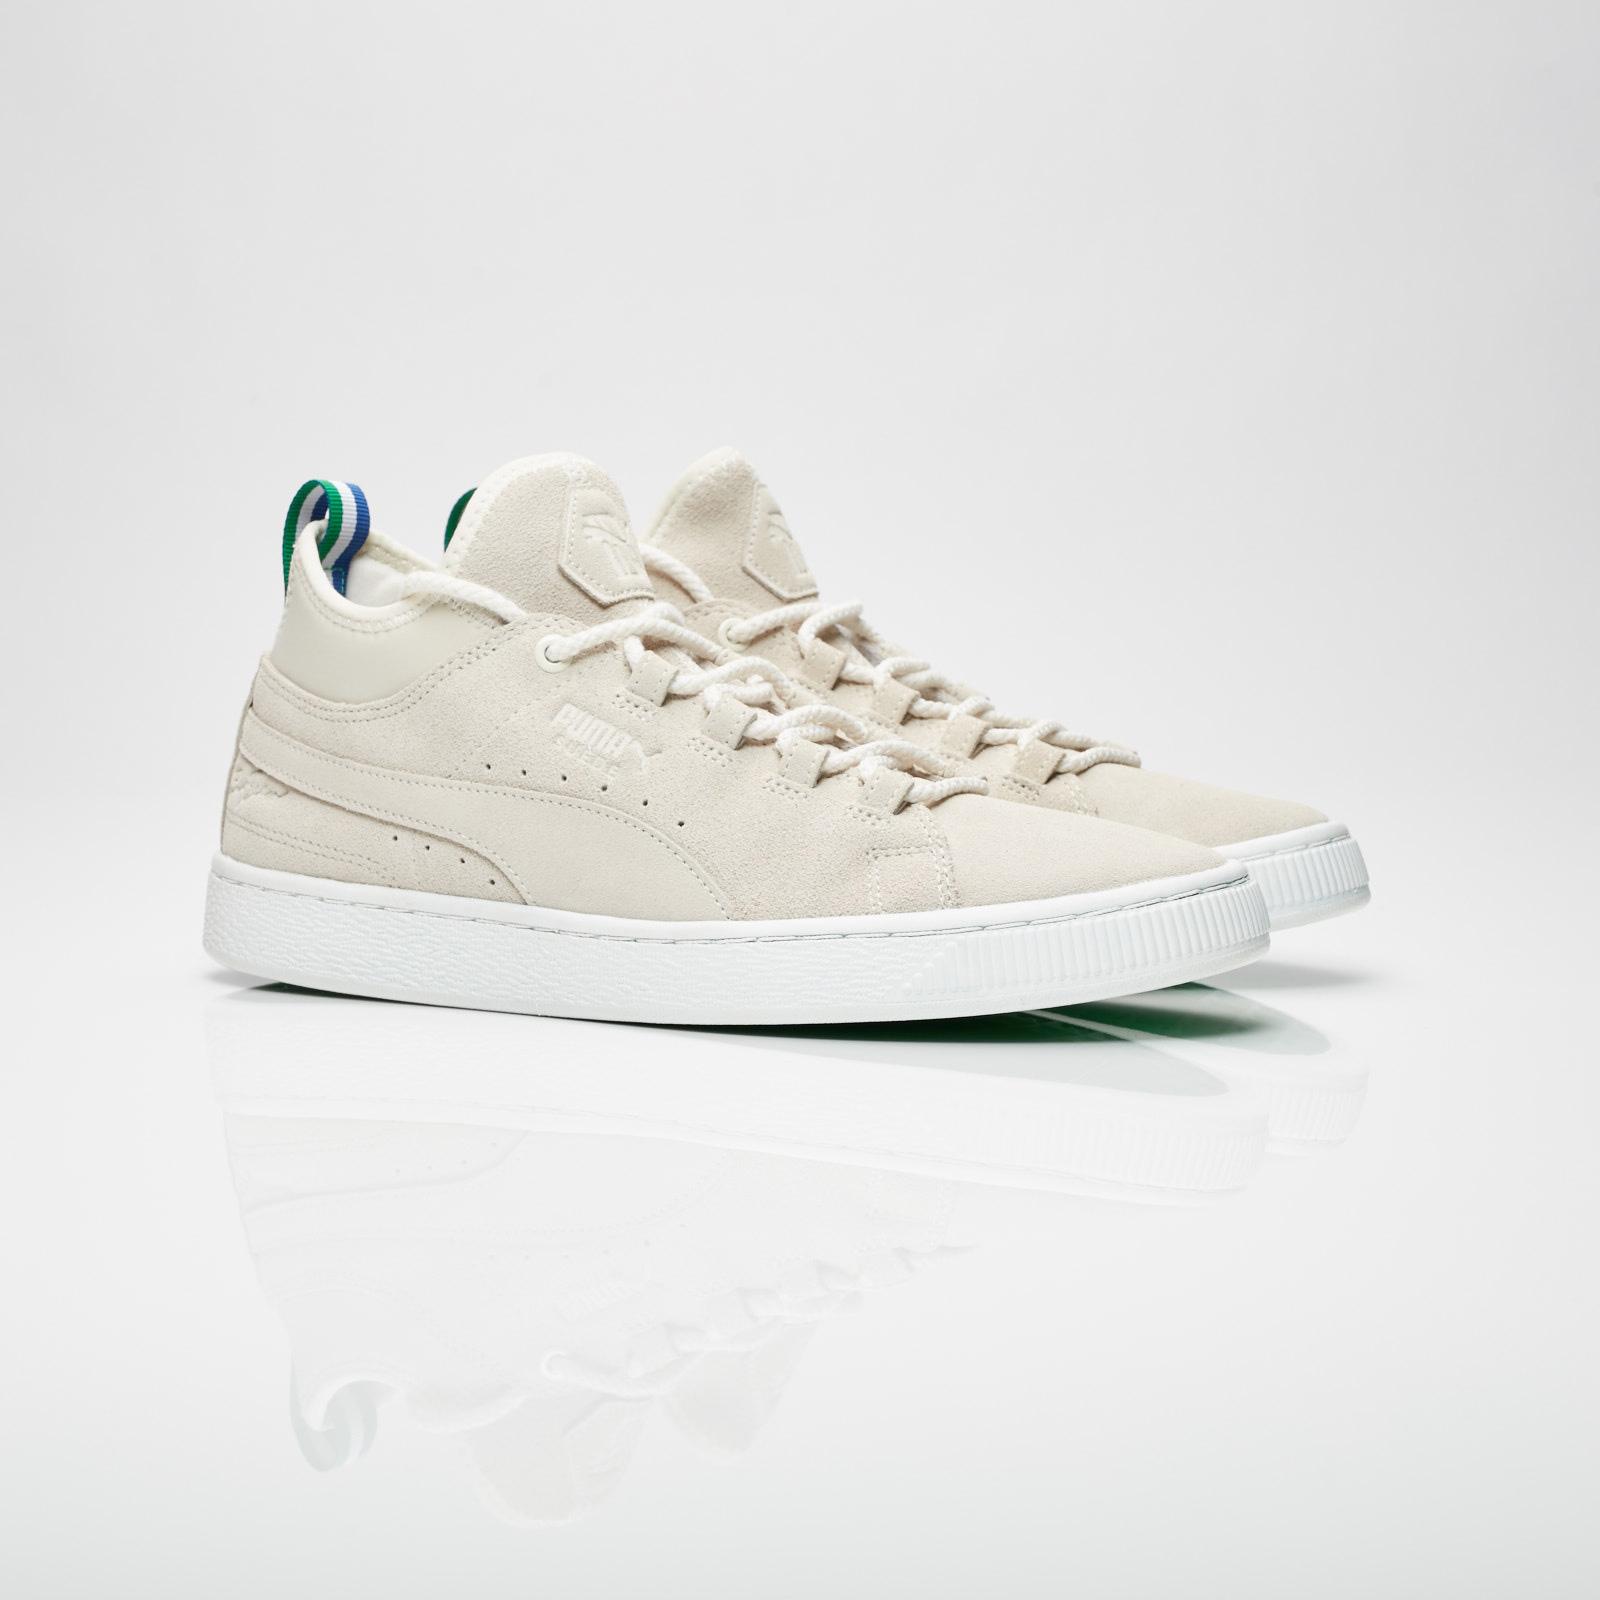 meet 20b9e 78e07 Puma Suede Classic x Big Sean - 366300-01 - Sneakersnstuff ...